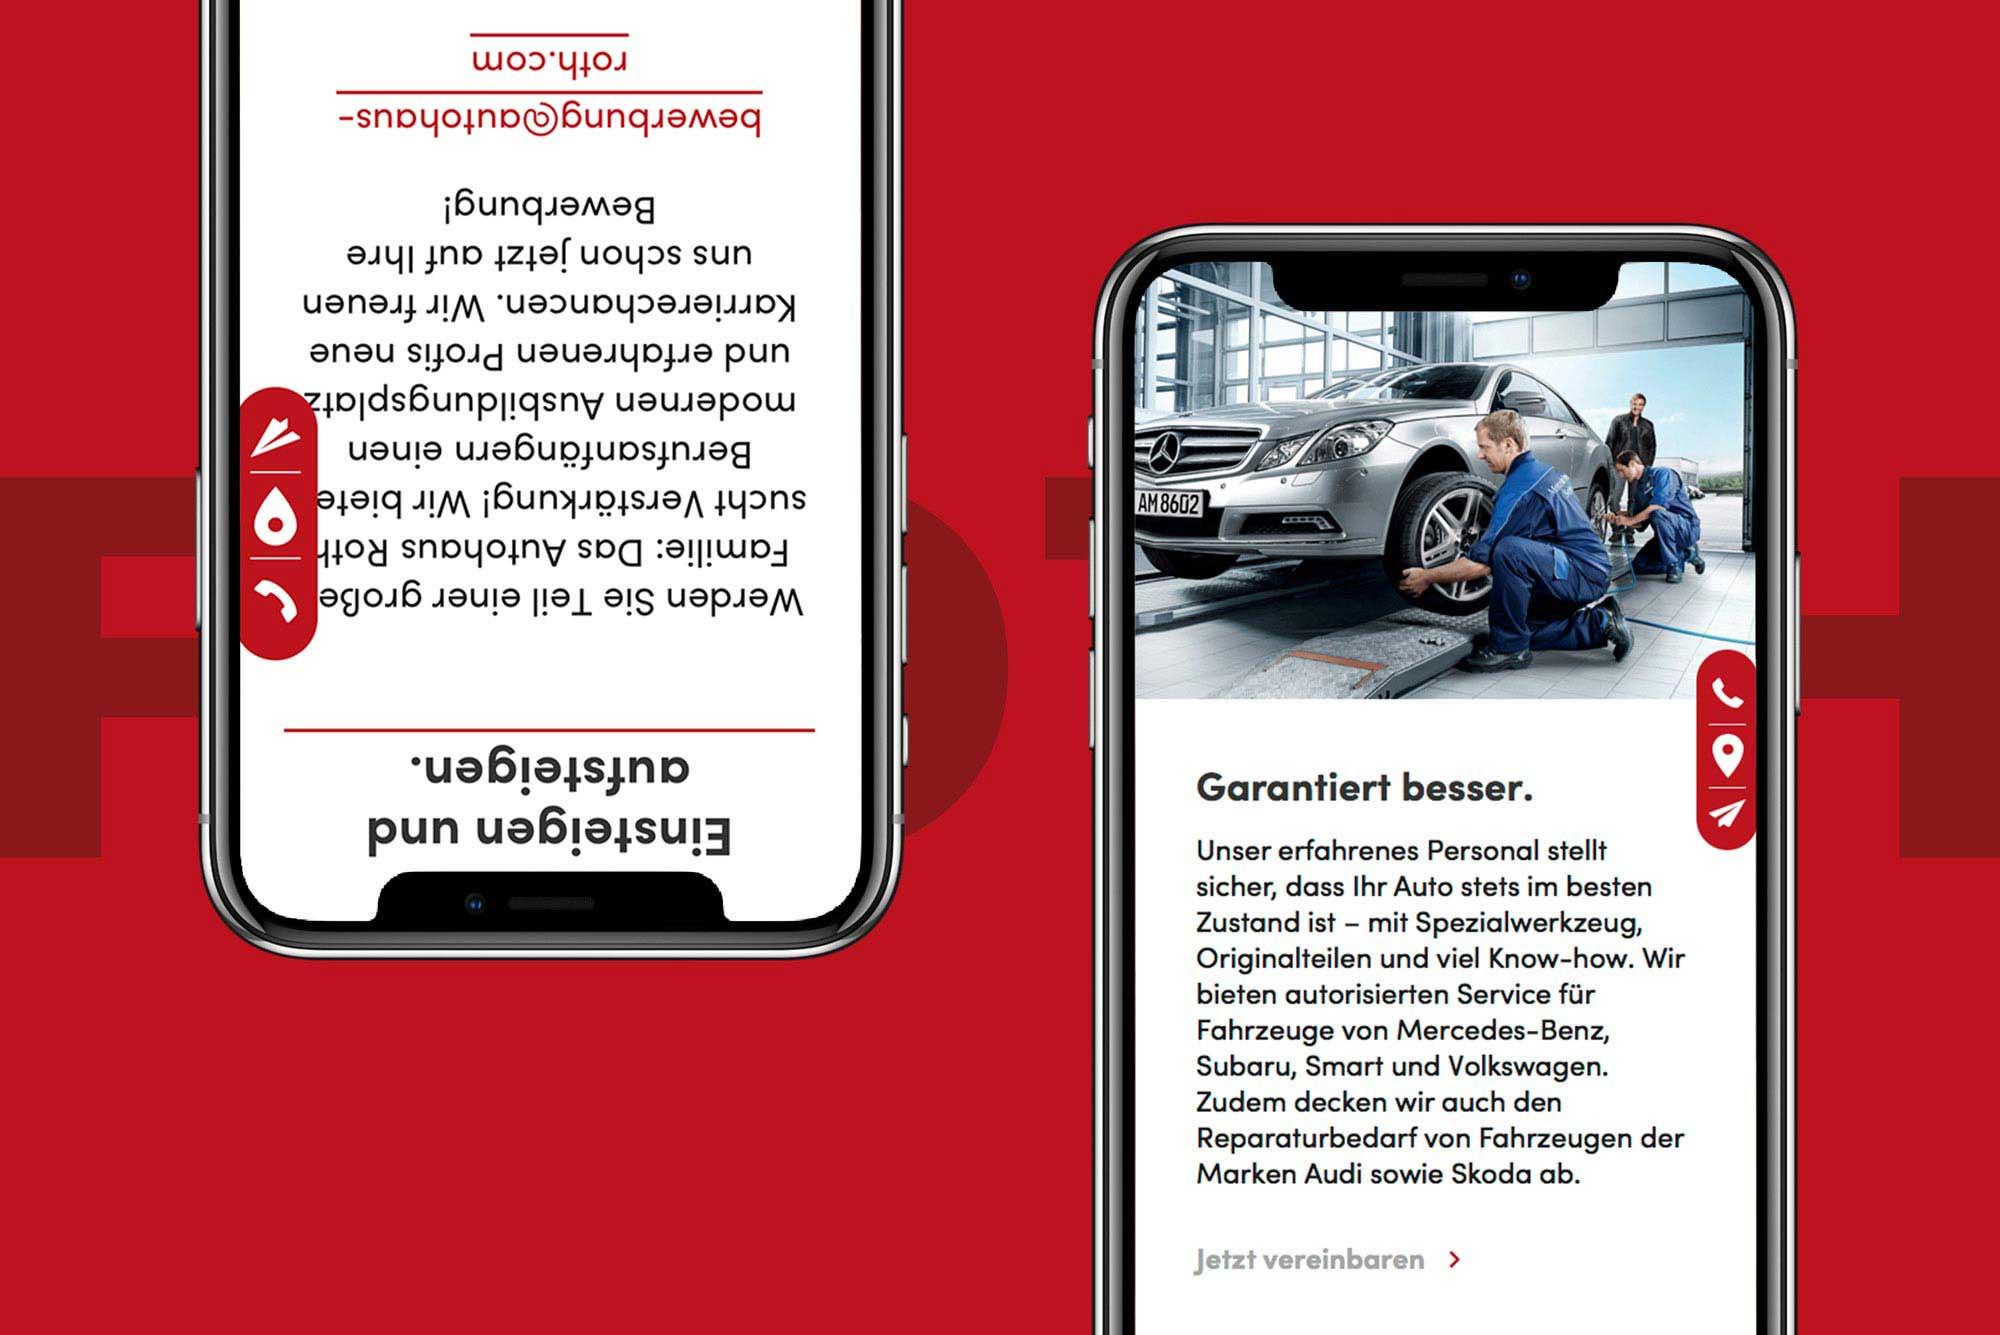 """_IMMER IN BEWEGUNG BLEIBEN Das Autohaus Roth ist bekannt als Vier-Marken-Autohaus. Bubori verpasste dem Traditionsunternehmen ein digitales Facelift und arbeitete die Qualitäten der einzelnen Fahrzeug-Marken gezielt heraus, ganz nach dem Motto """"Vertrauen ist gut. Roth ist besser"""". Unser Anspruch war dabei, nicht nur optisch zu entzücken, sondern auch wörtlich. Ästhetisch, qualitativ und auffällig."""